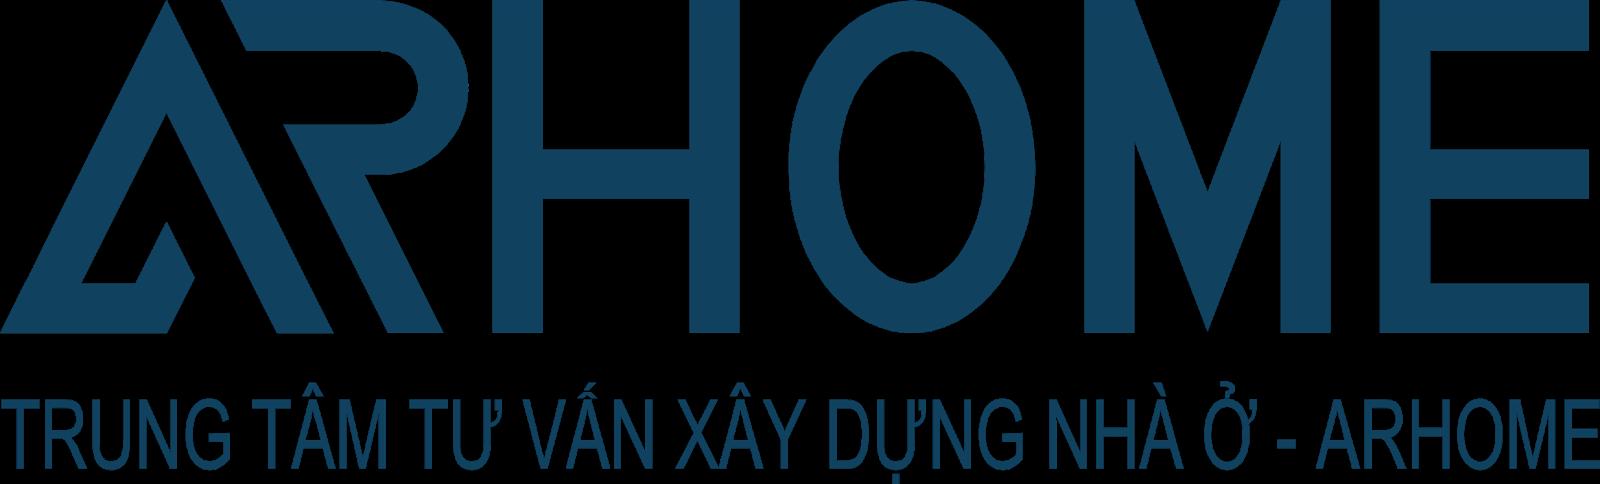 Dịch vụ quản lý xây dựng hàng đầu Việt Nam